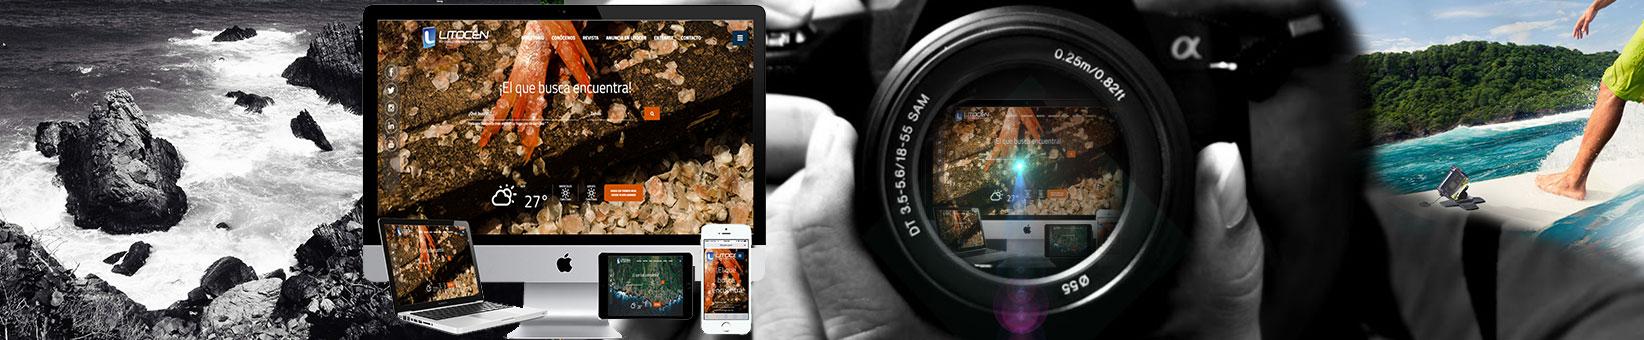 concurso-fotografico-bienvenida-litocen-com